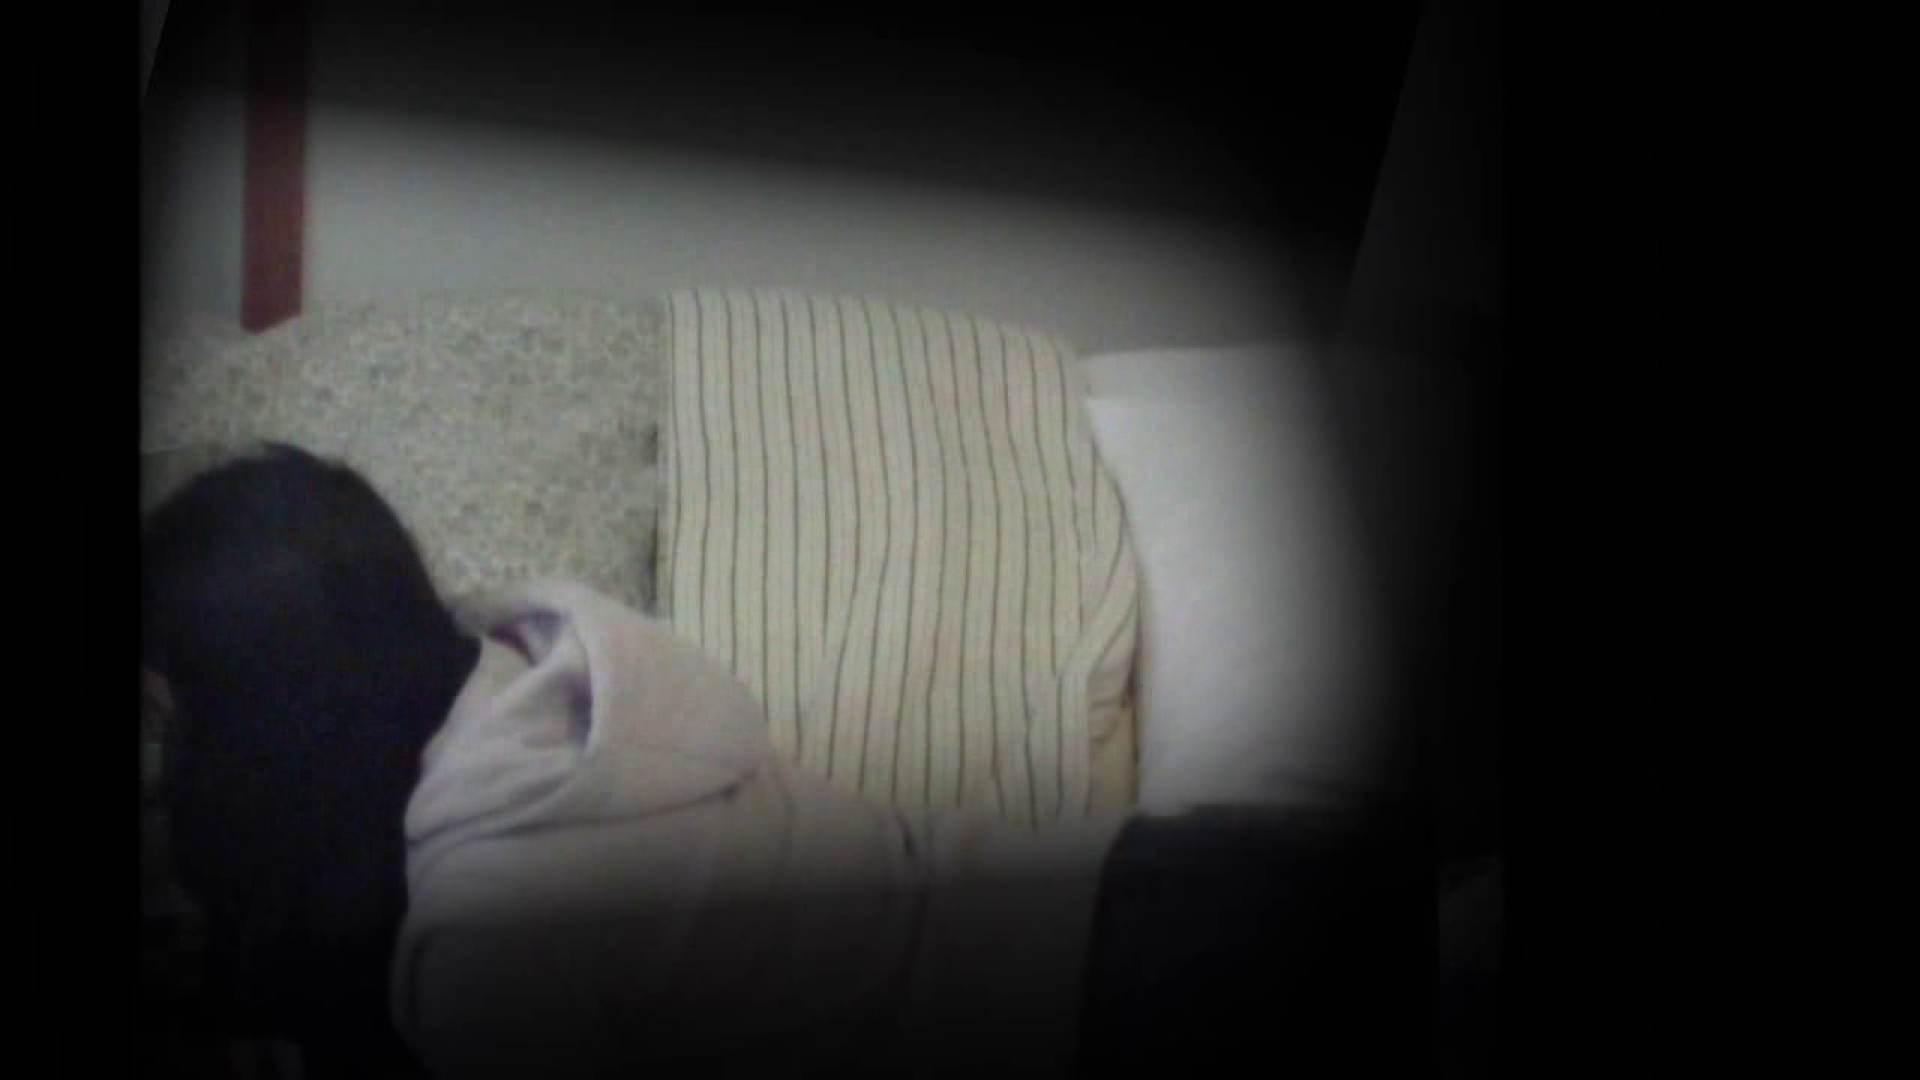 老舗ペンション2代目オーナーが流出したお宝映像Vol.3 オナニーする女性たち   OLセックス  90画像 57